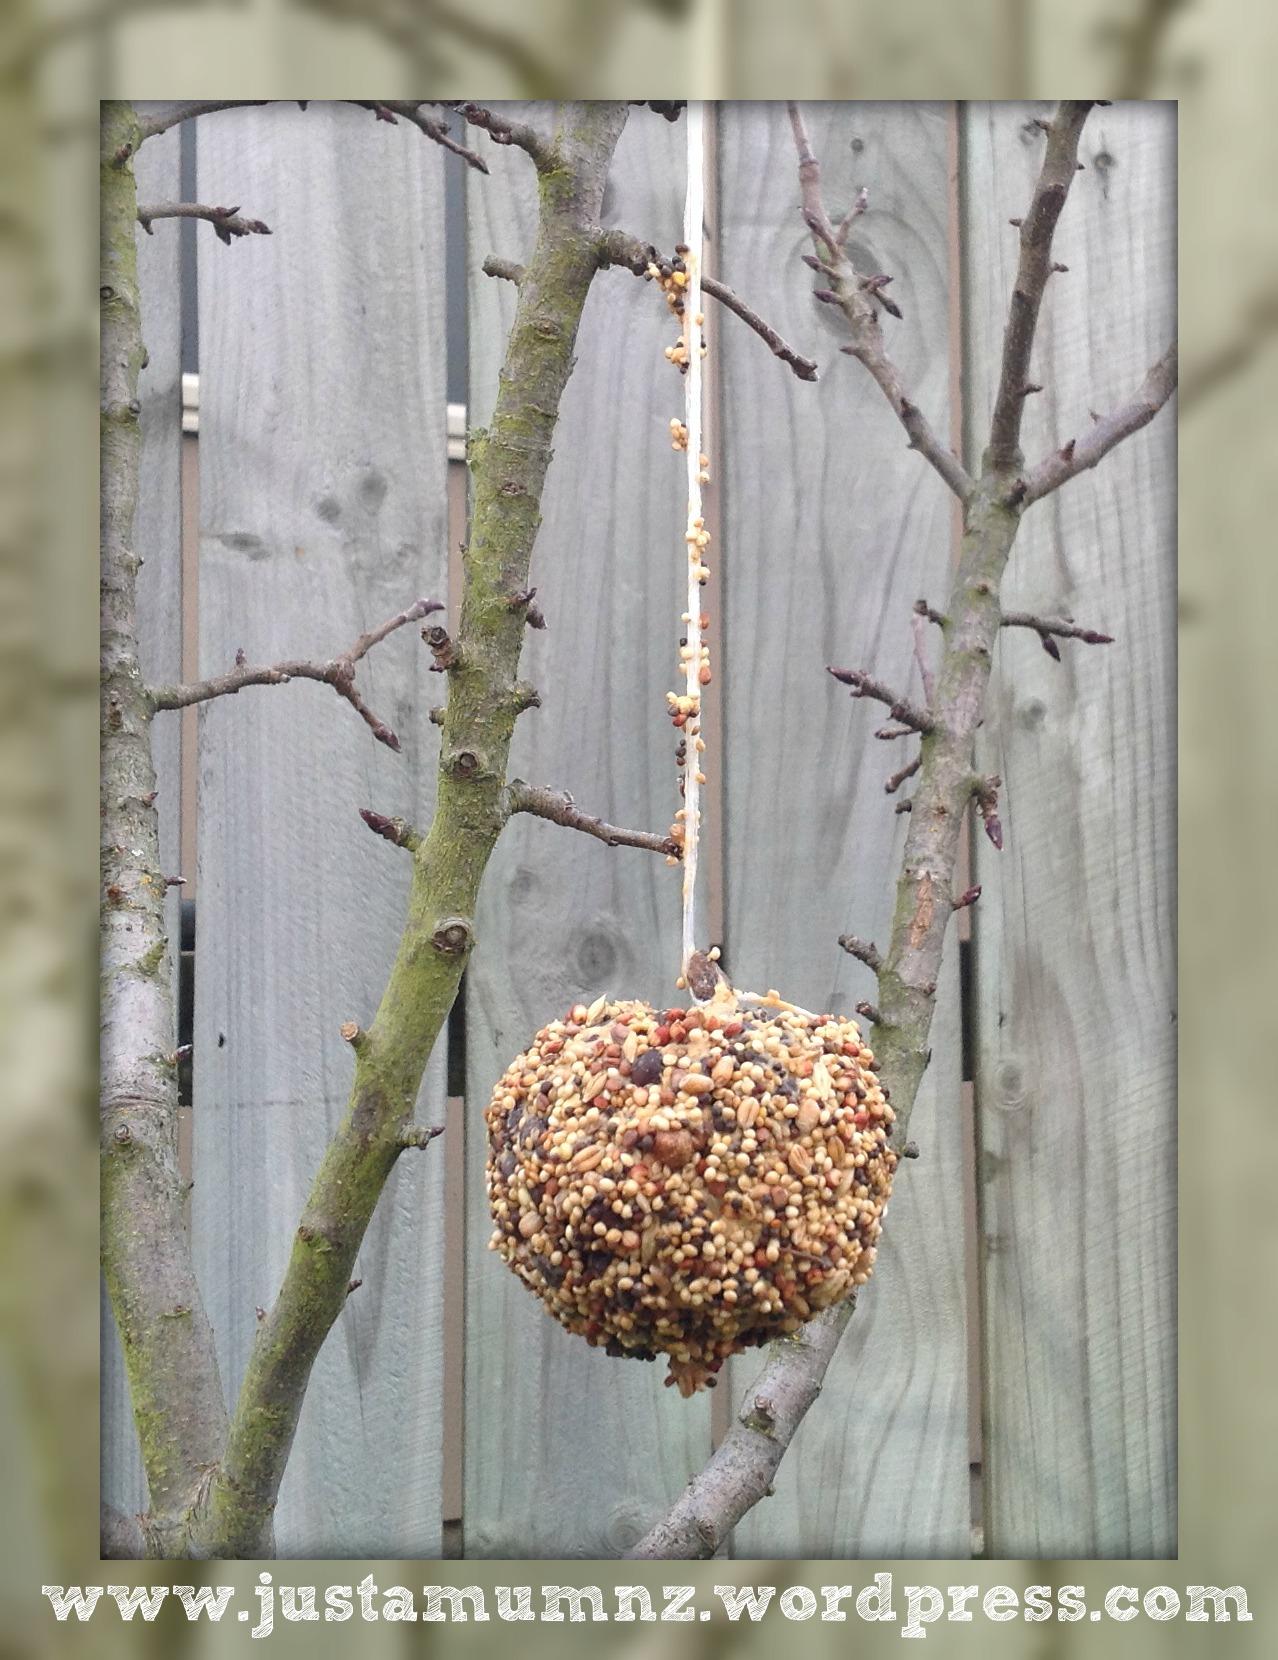 Guirnalda de alimentación para pájaros hecha a mano ⋆ Azúcar, especias y brillo